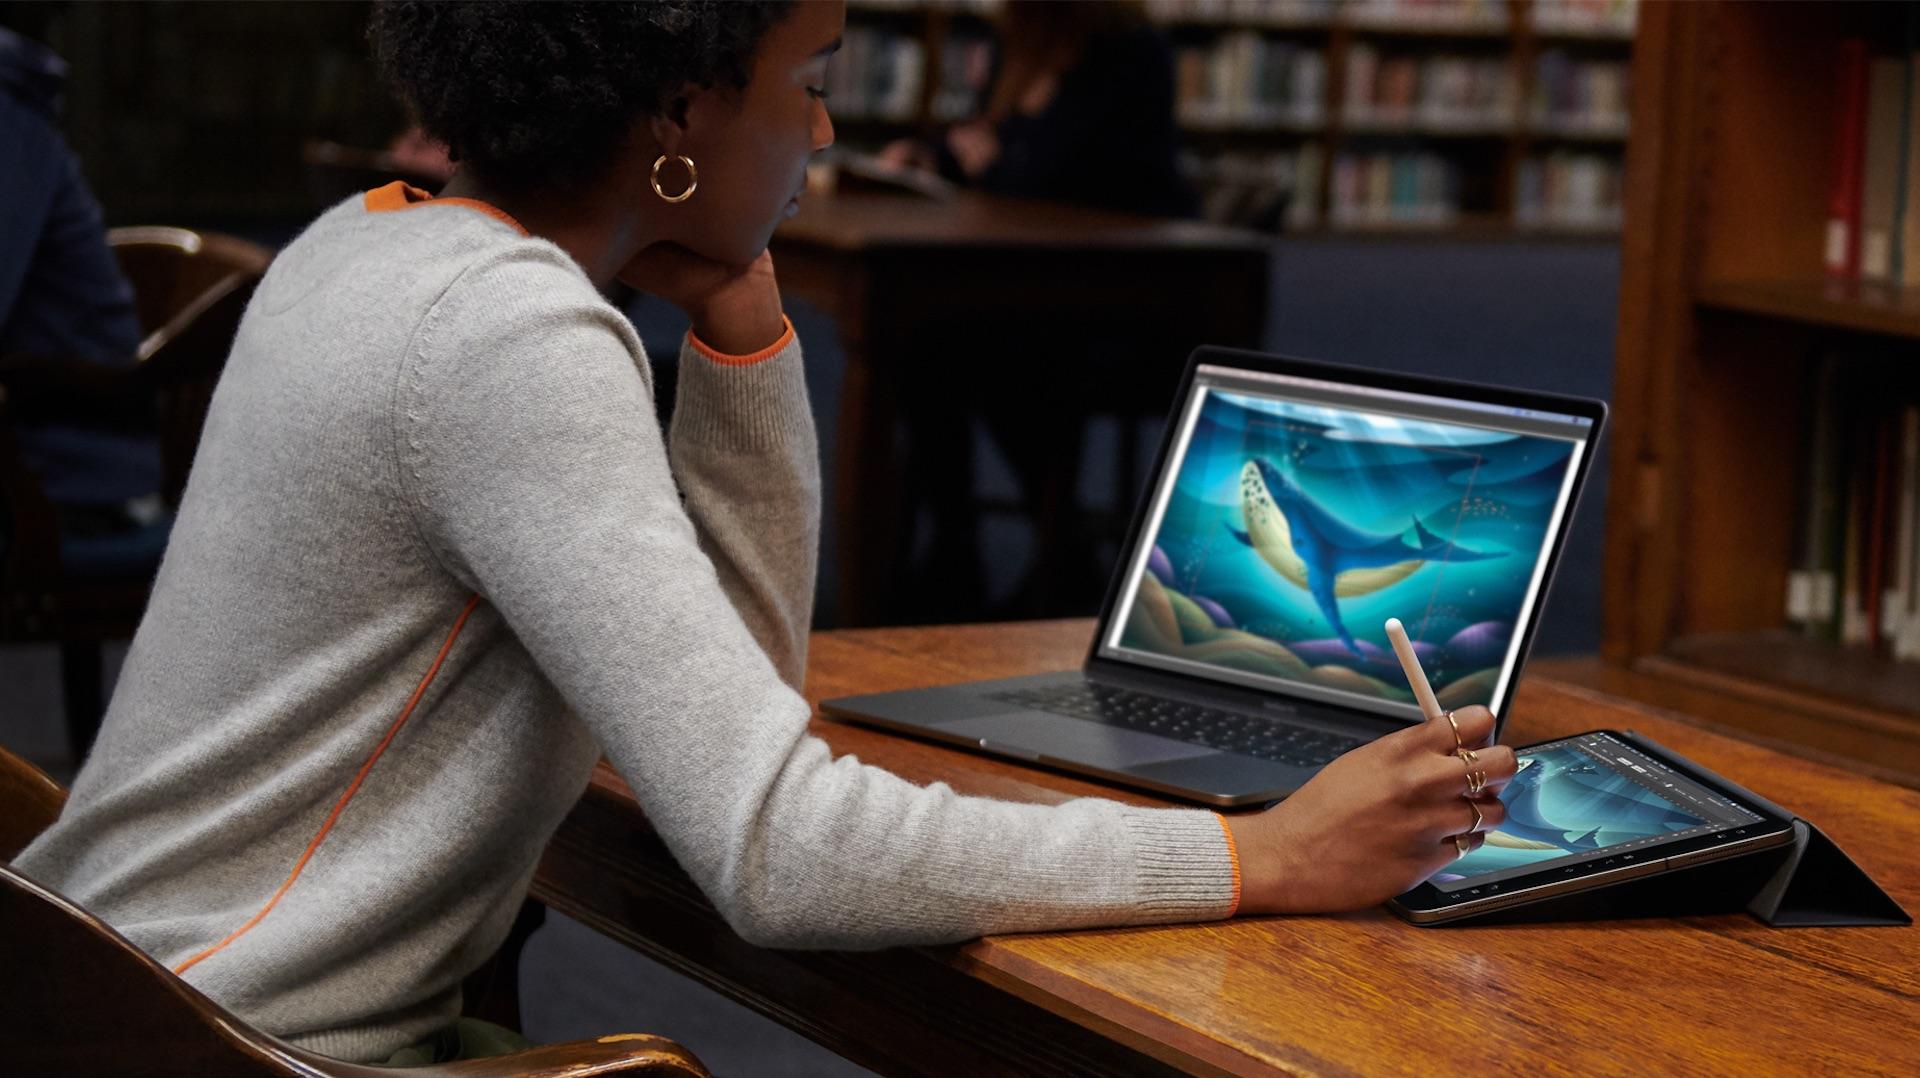 Sidecar gjør iPad en til en ekstra skjerm til Mac en din